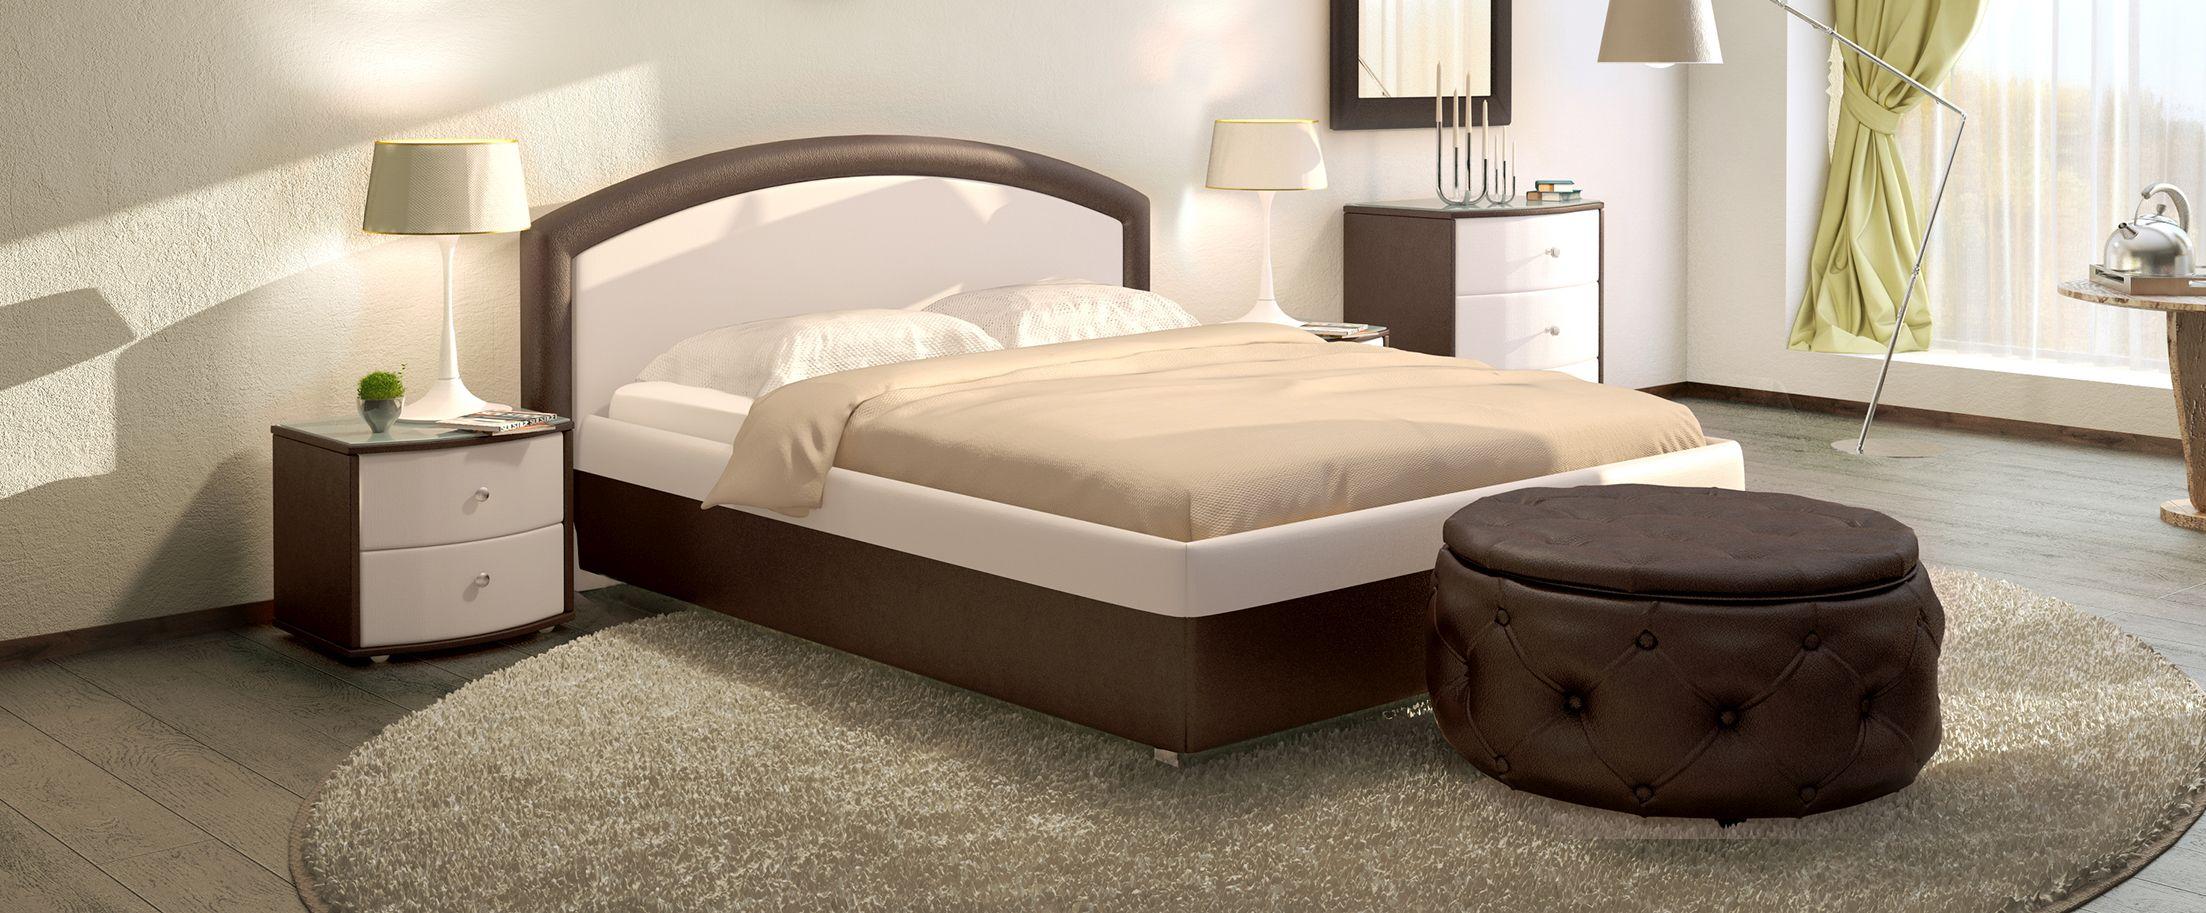 Кровать двуспальная Мирабель Модель 379Восхитительная кровать Мирабель – это истинное воплощение величественной элегантности. Сочетание контрастных обивочных материалов позволяет идеально вписать кровать в любой интерьер.<br><br>Ширина см: 189<br>Глубина см: 211<br>Высота см: 100<br>Ширина спального места см: 160<br>Глубина спального места см: 200<br>Встроенное основание: Есть<br>Материал каркаса: ДСП<br>Материал обивки: Экокожа<br>Подъемный механизм: Нет<br>Цвет: Белый, Коричневый<br>Код ткани: Молоко, Кофе